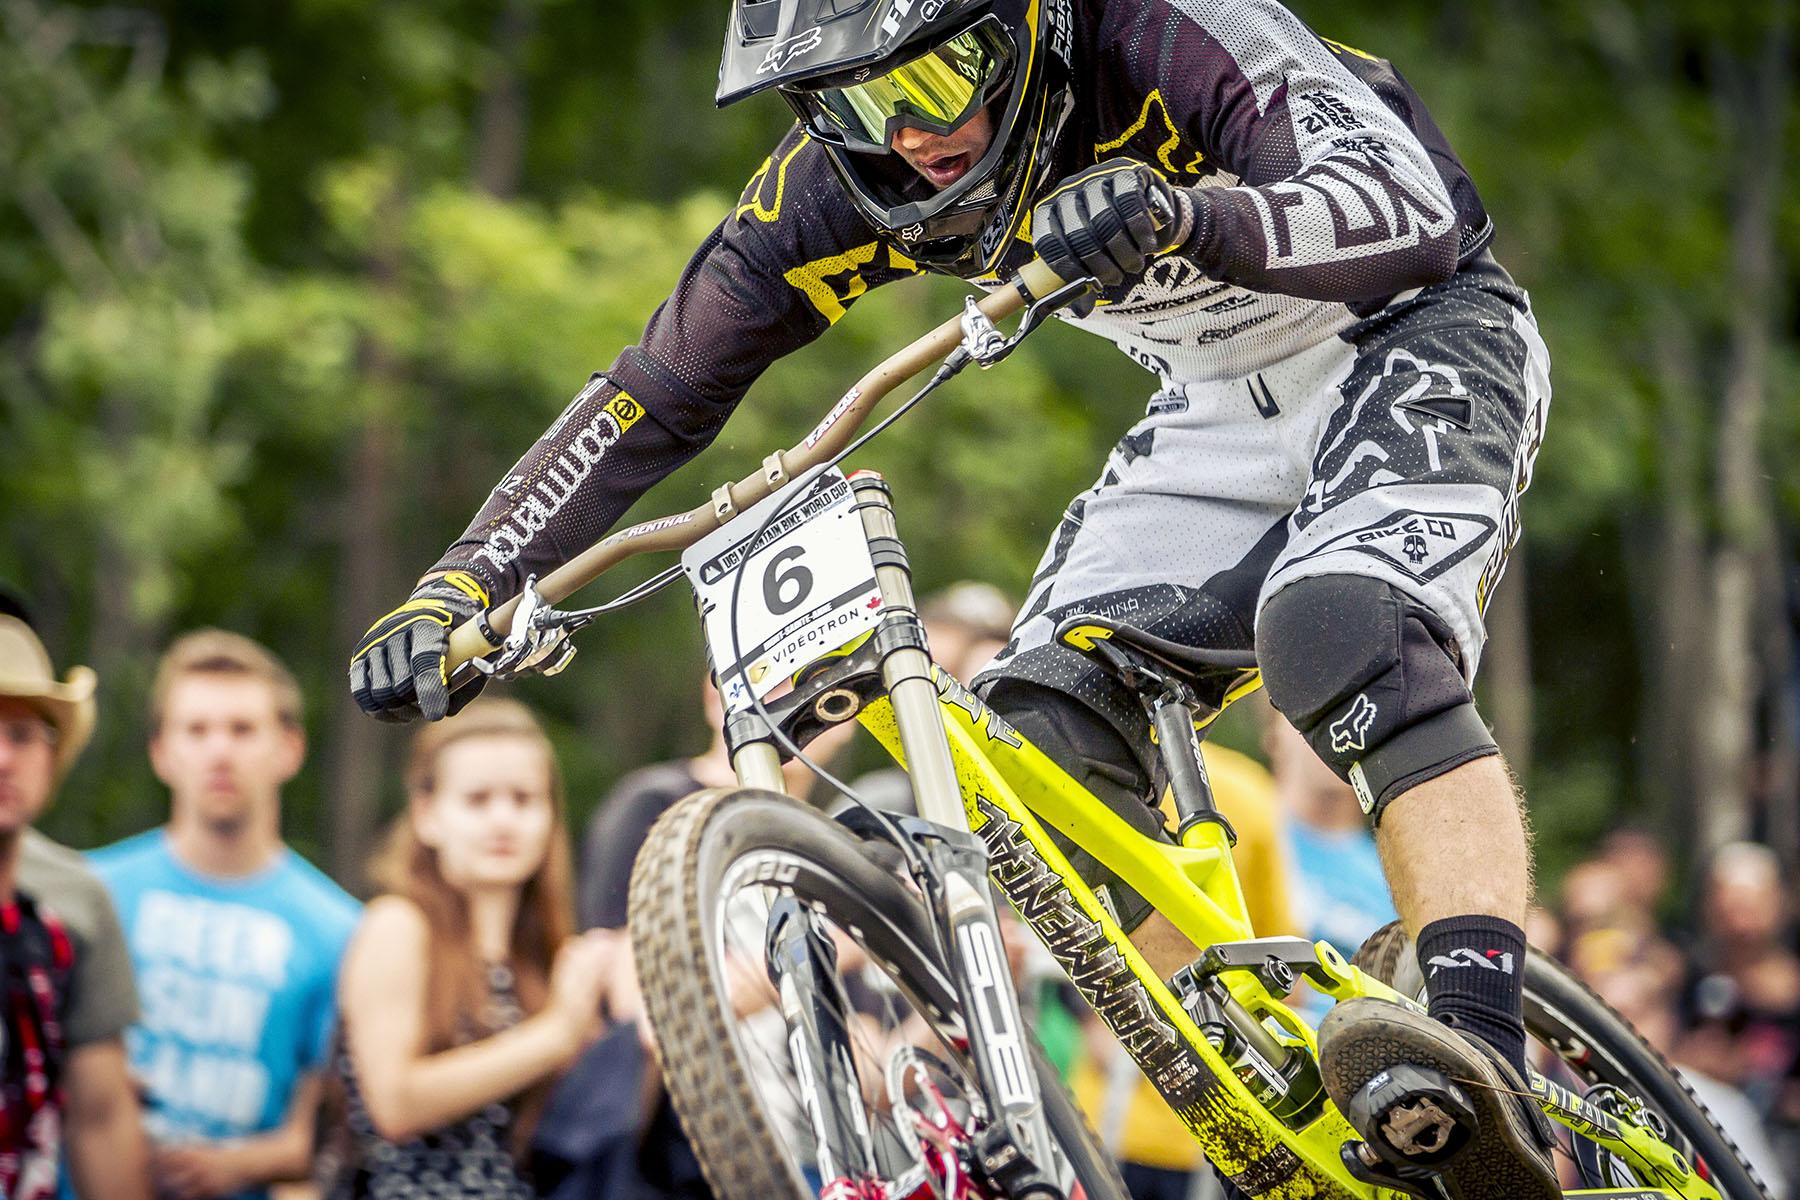 Remi Thirion hatte nicht ganz so viel Glück wie in Andorra. Er schaffte es nur auf Platz 19, befindet sich aber immer noch unter den Top Ten in der Gesamtwertung.